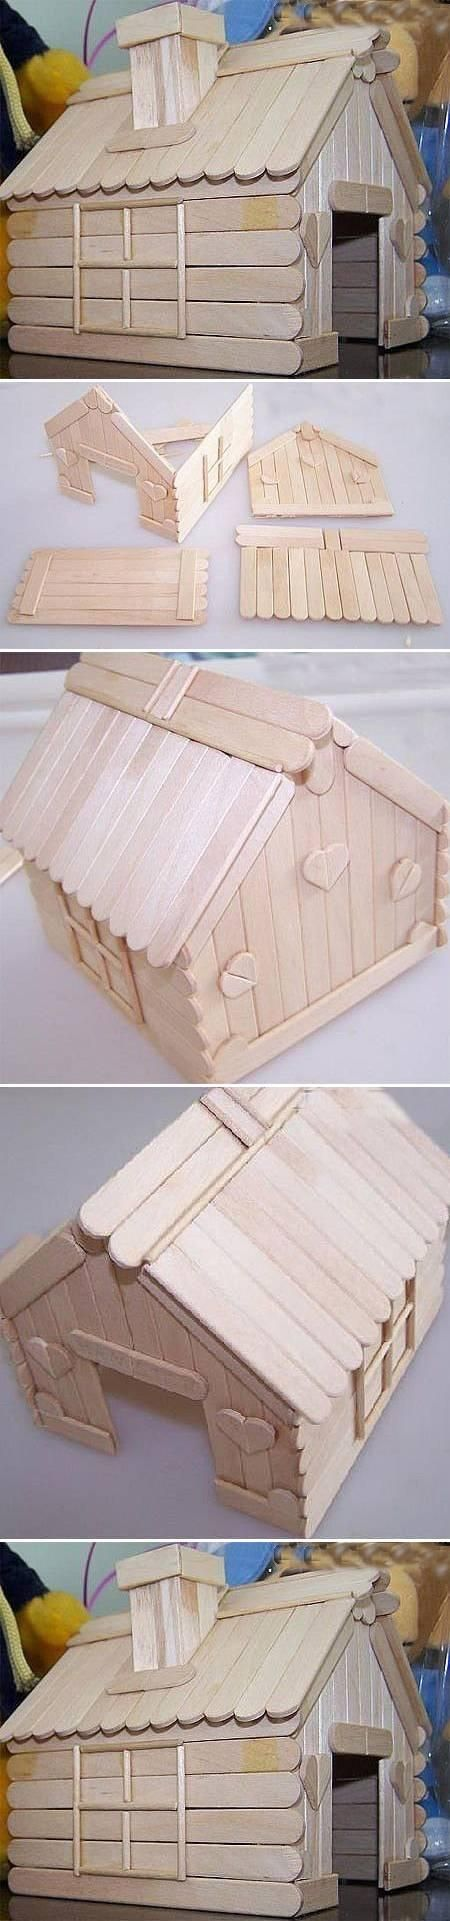 Zobacz zdjęcie  popsicle, stick, house, tutorial, handmade w pełnej rozdzielczości